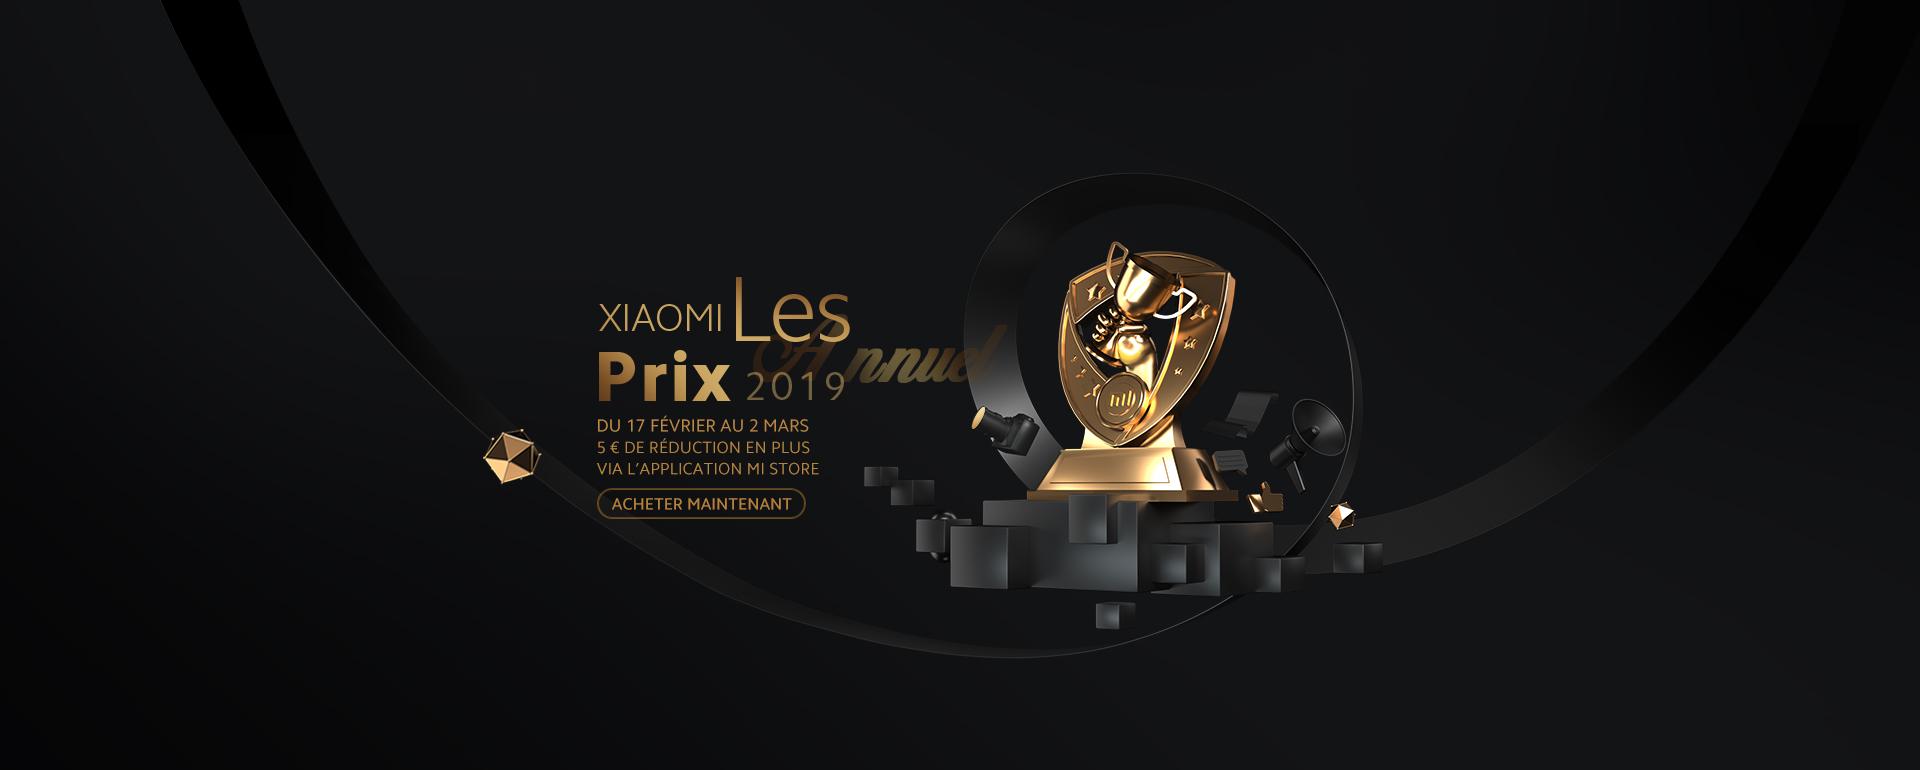 Xiaomi Les Prix Annuel 2019